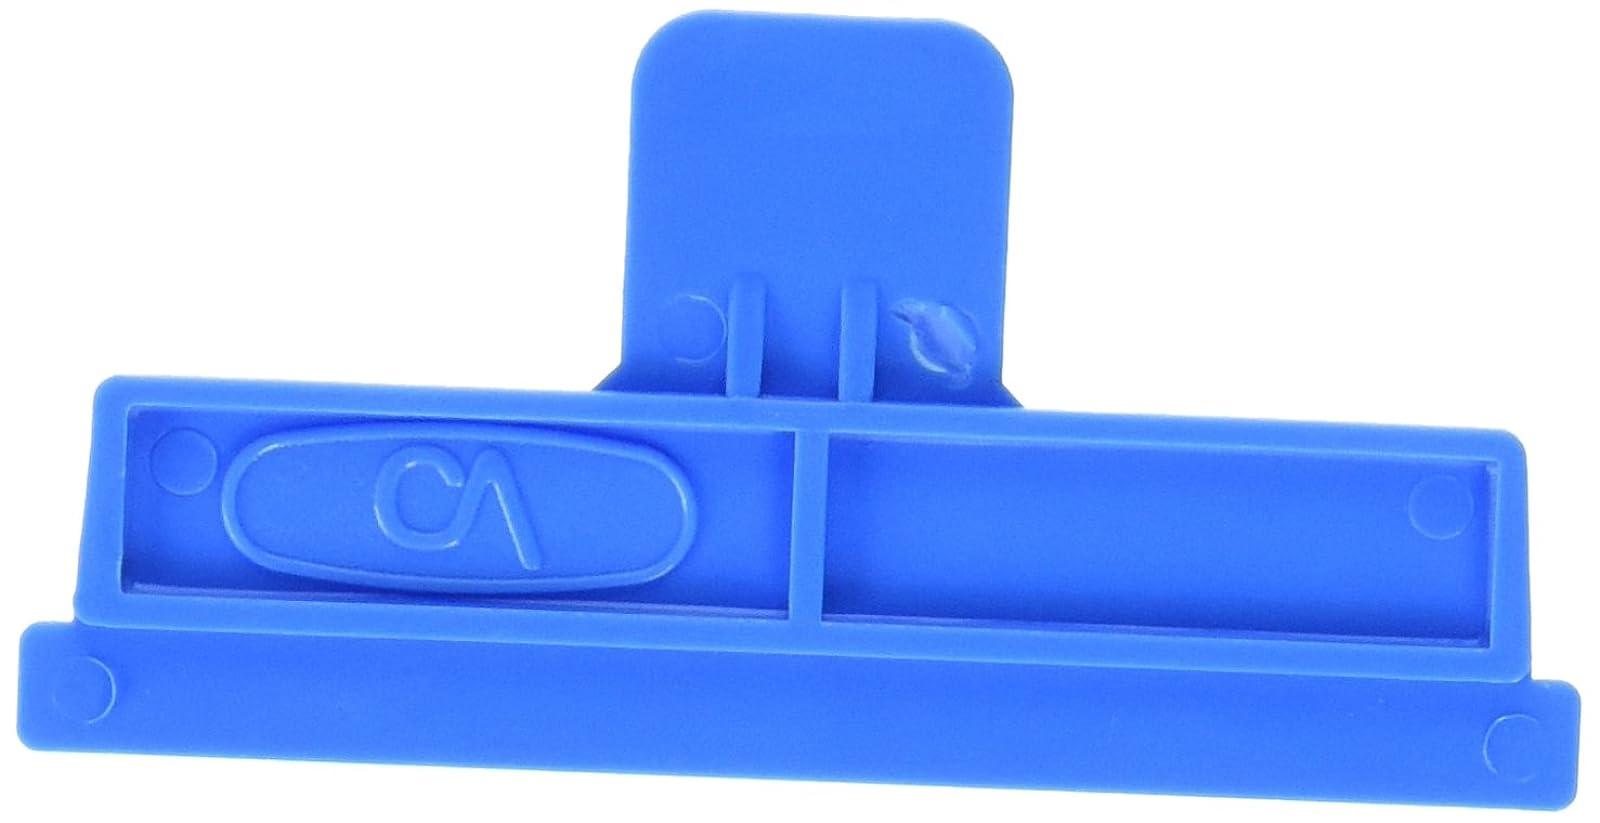 Continuum Aquatics AquaBlade-P Acrylic Safe repacement - 1